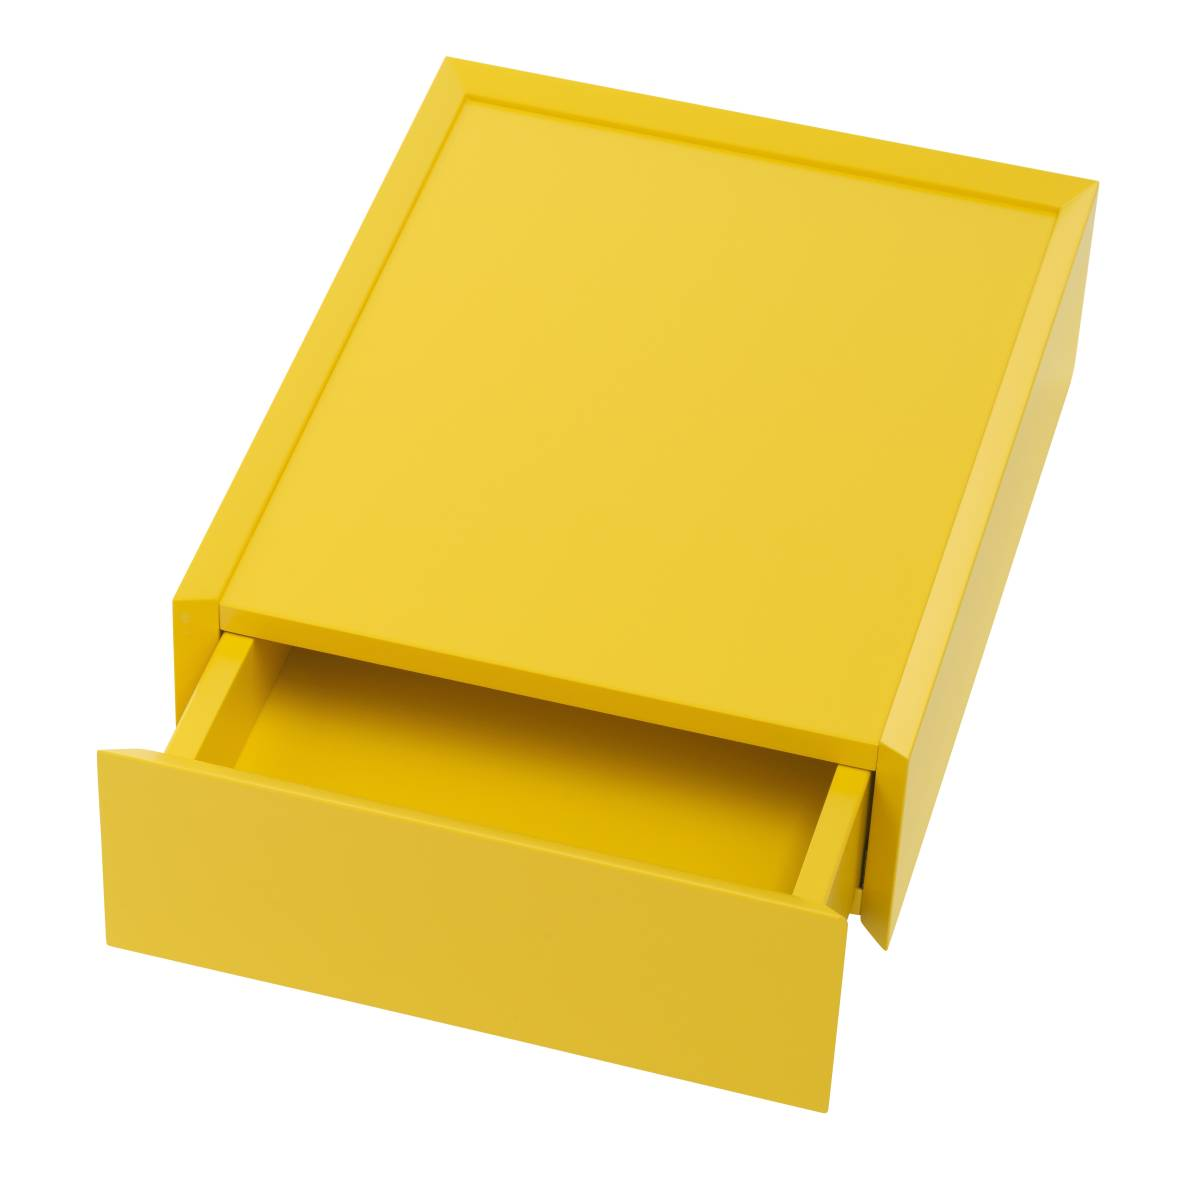 SOUVENIR Schubkastenbox klein zitrusgelb (69), geöffnet